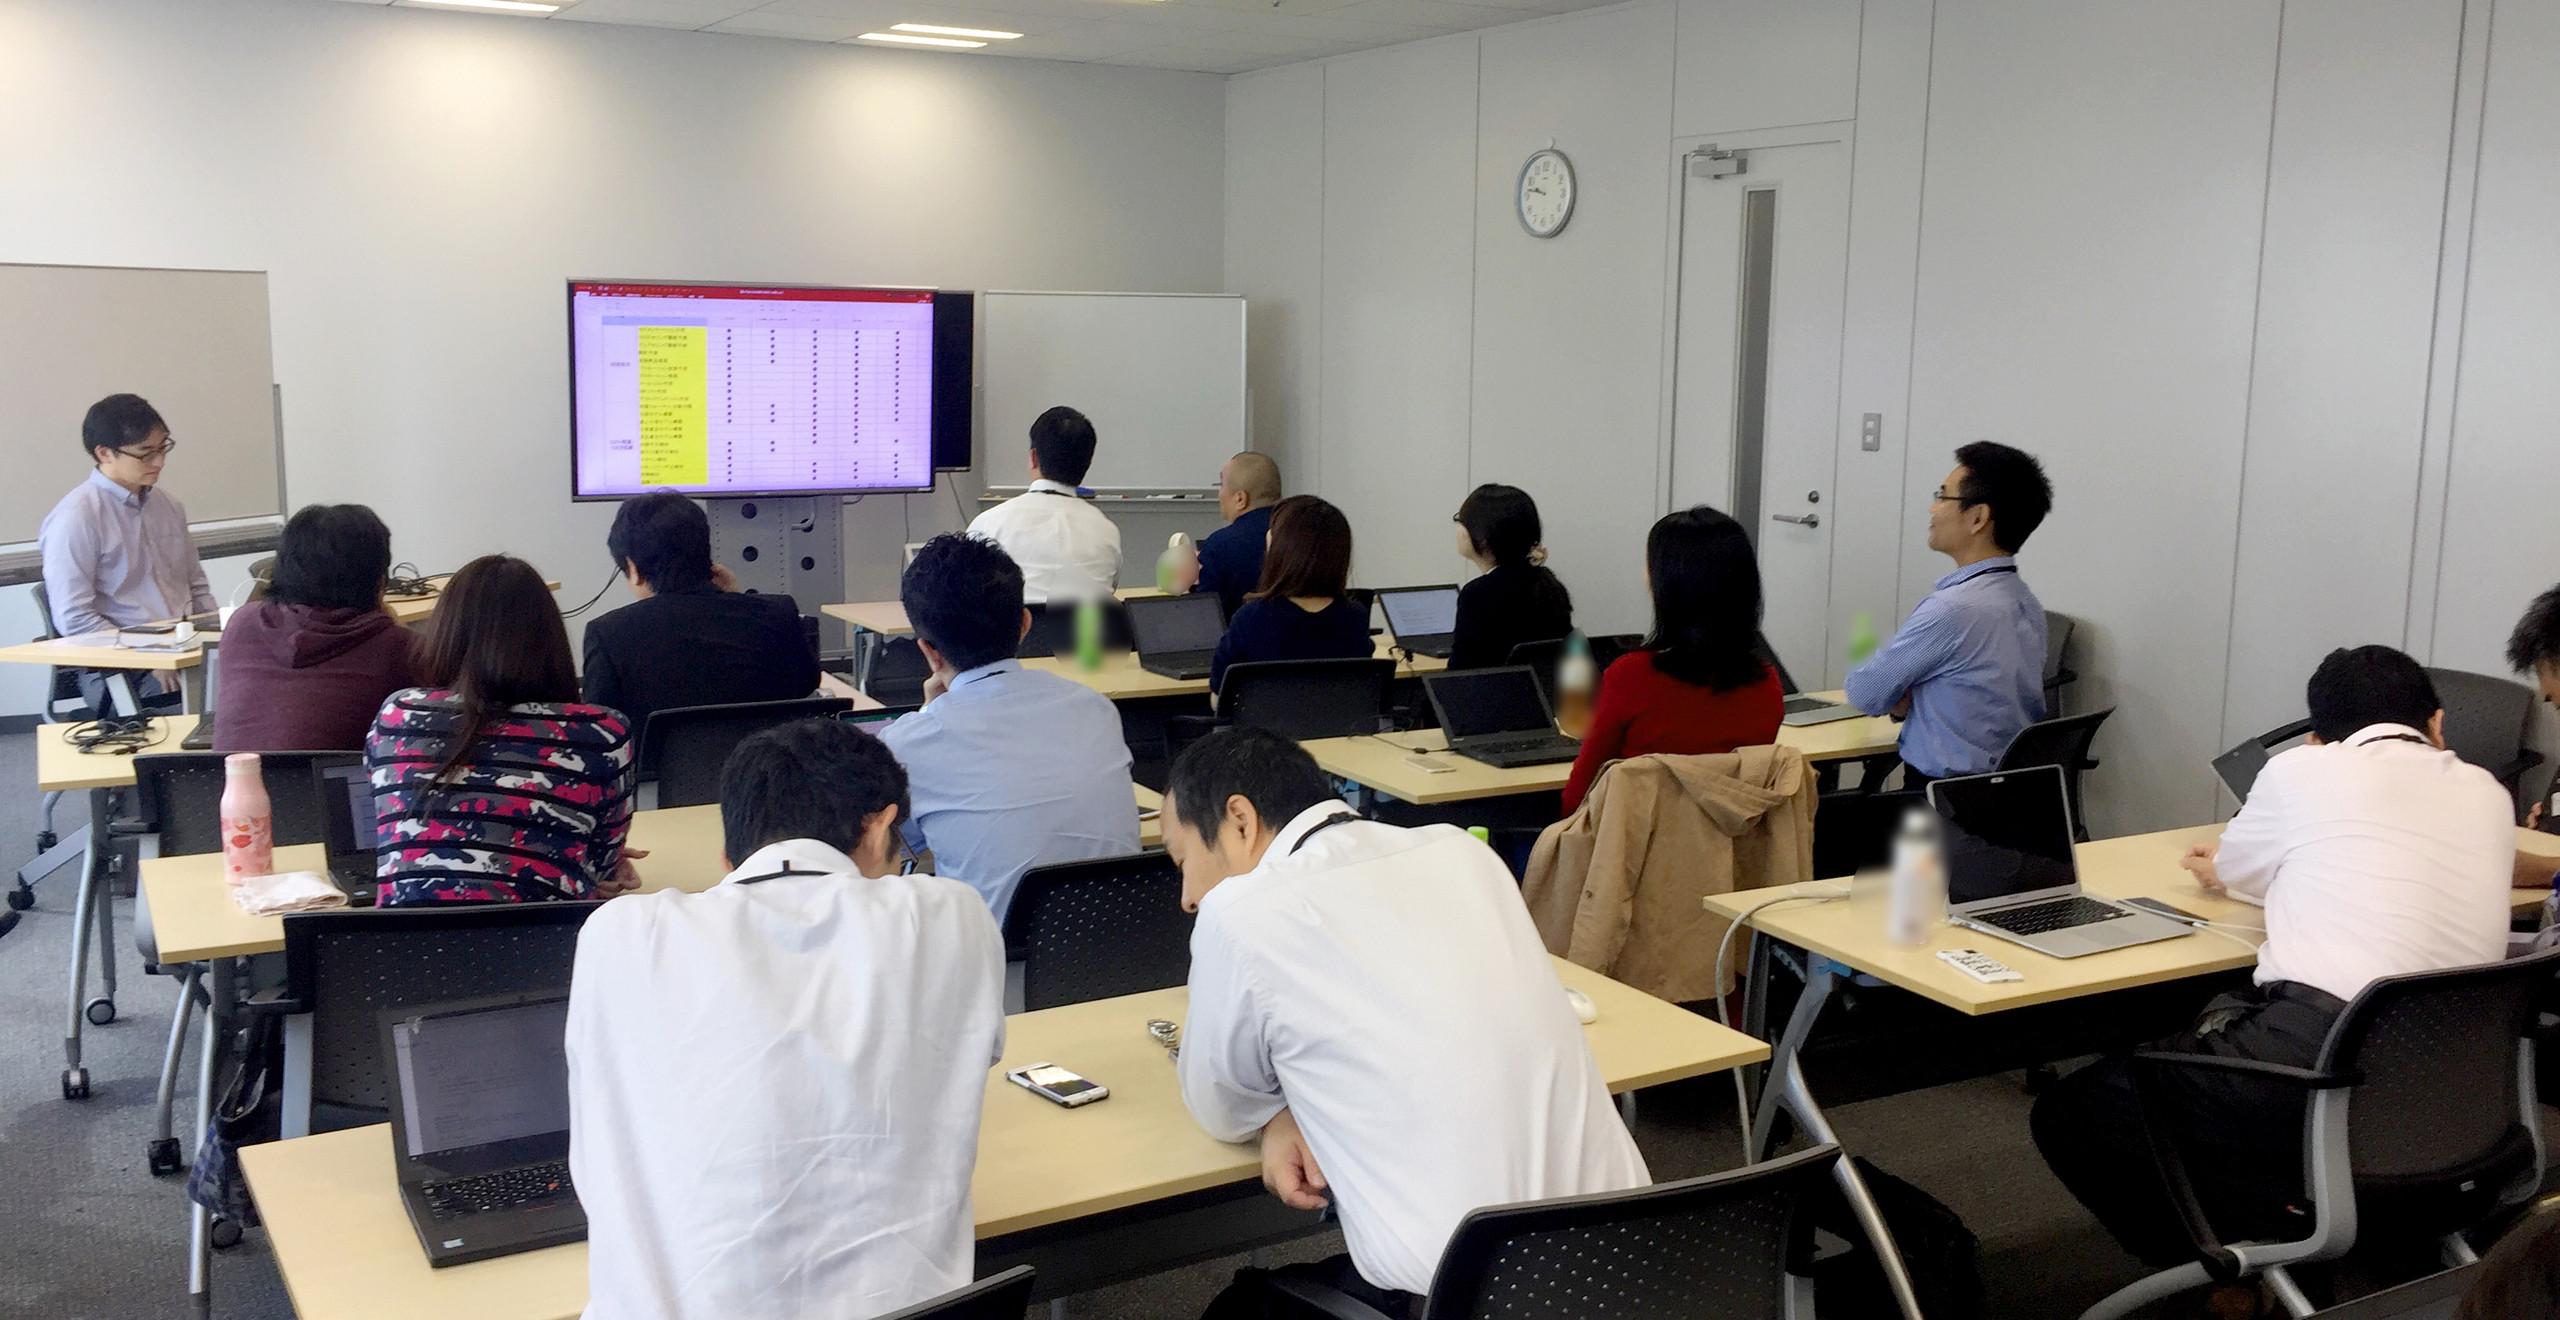 ソフトバンク株式会社 RPA推進部門及びAI事業推進部門様向けに、AIを活用したRPA高度化など「AI概論・実務」研修を実施10月18日の様子